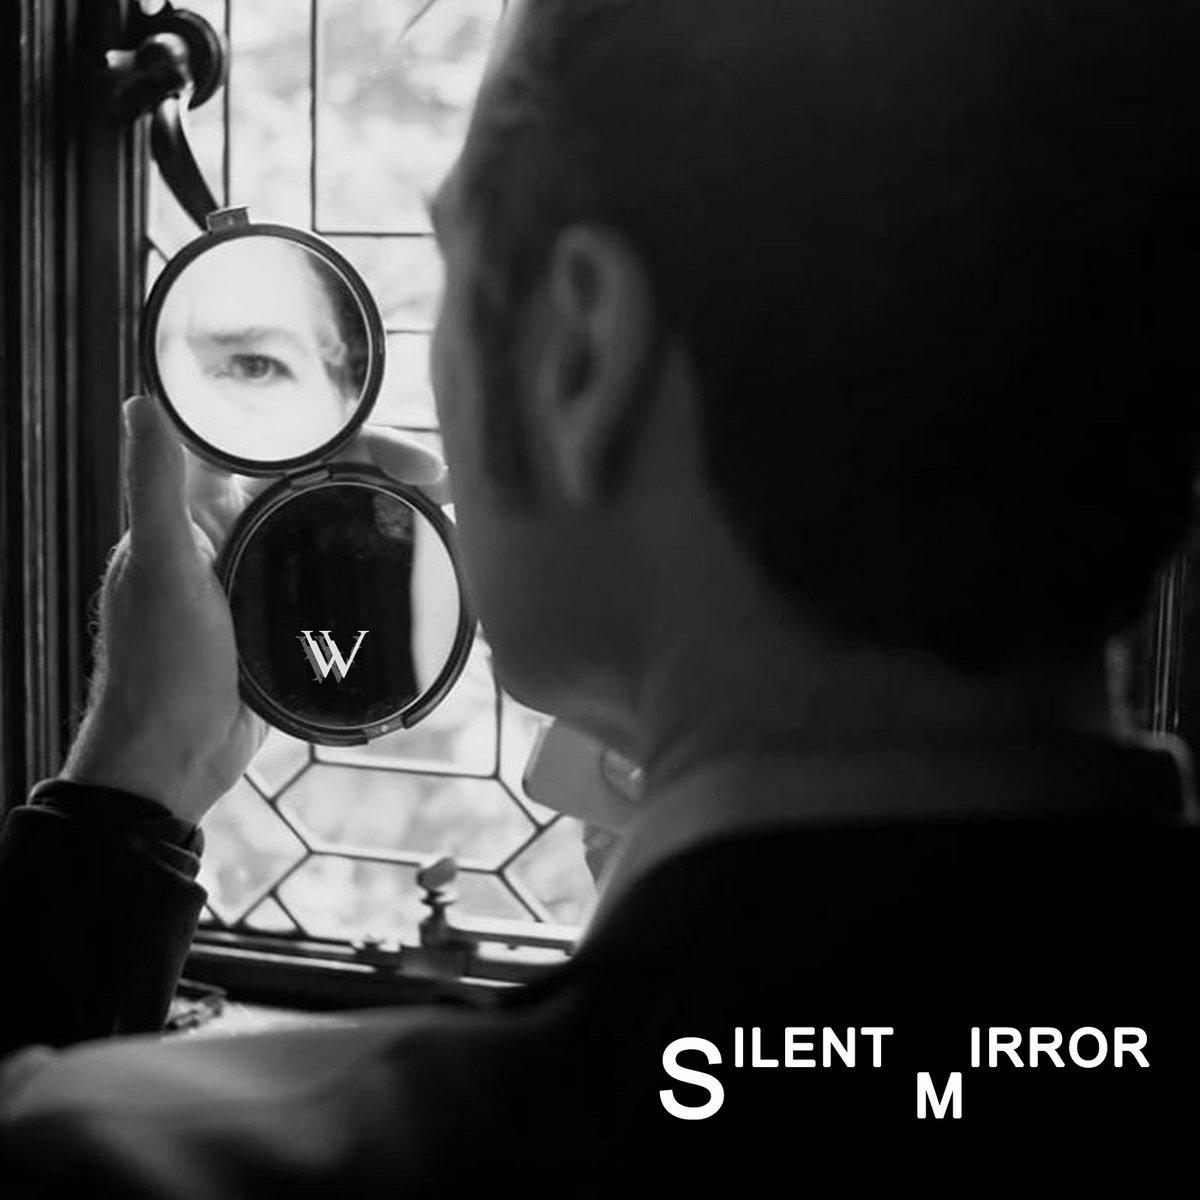 Silent Mirror by William Wilson